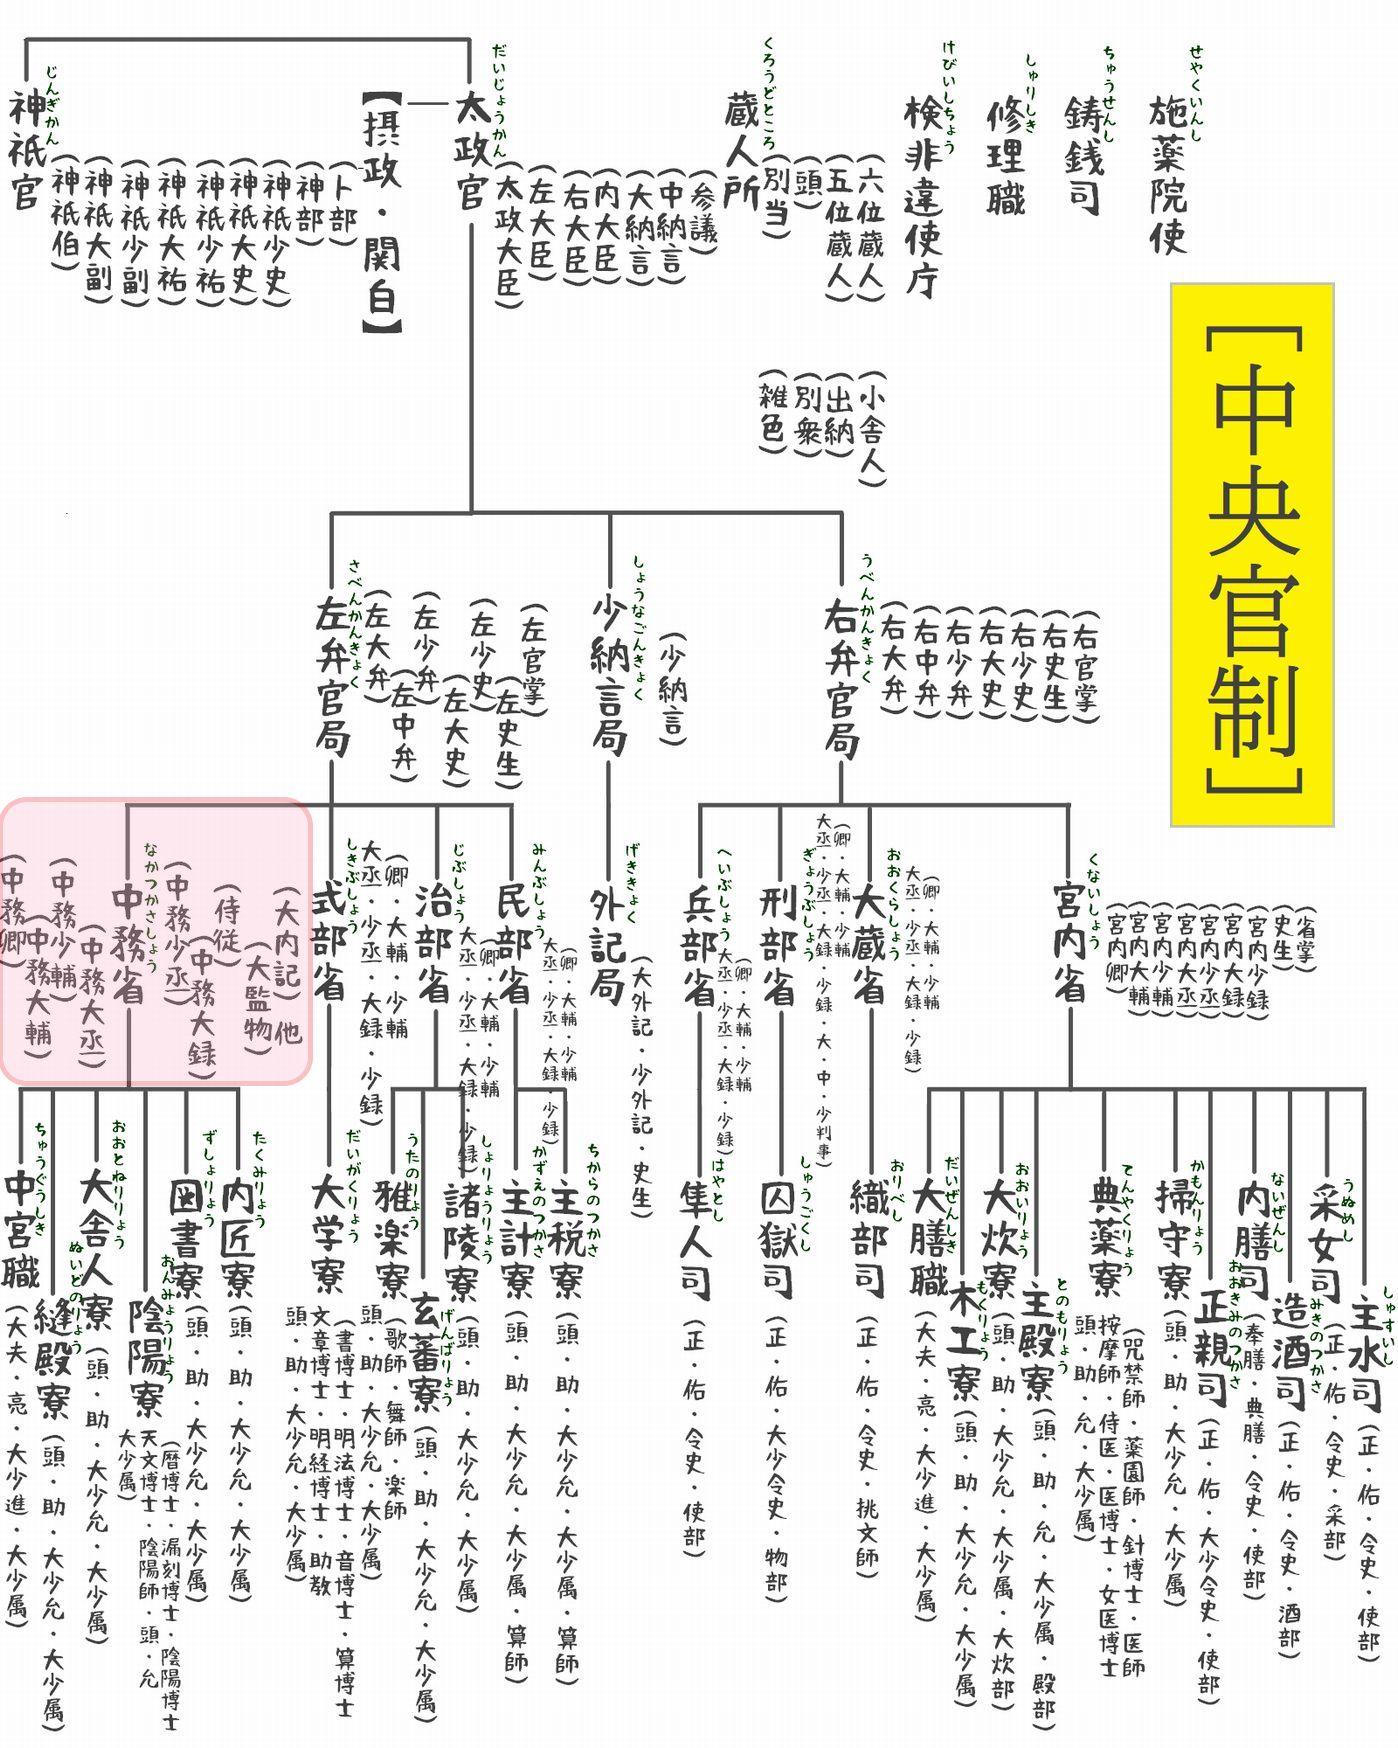 官職表(中央官制1)b